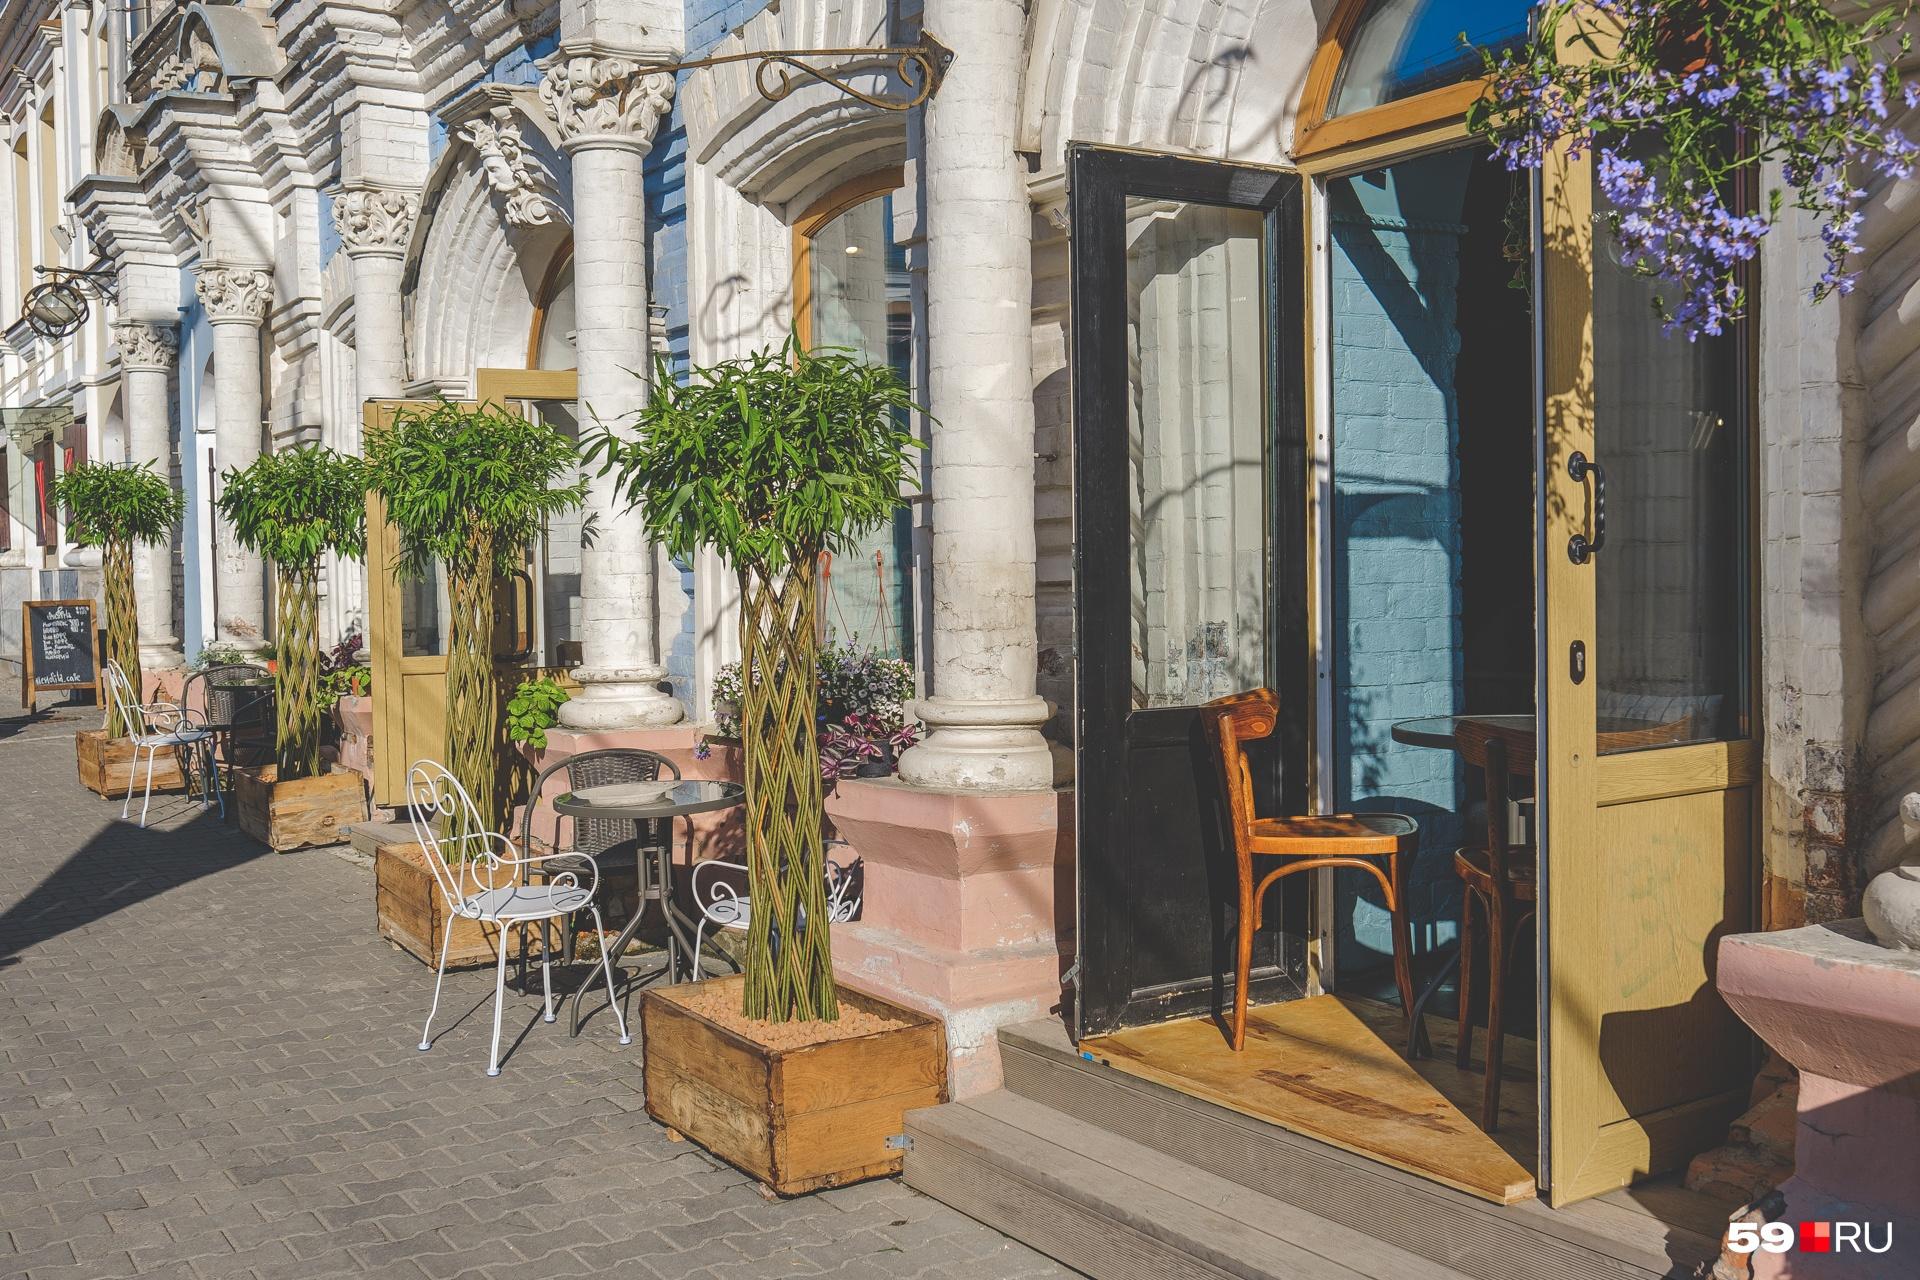 Курортное настроение можно создать и в центре города, как это сделала пекарня «Дом Демидовых»